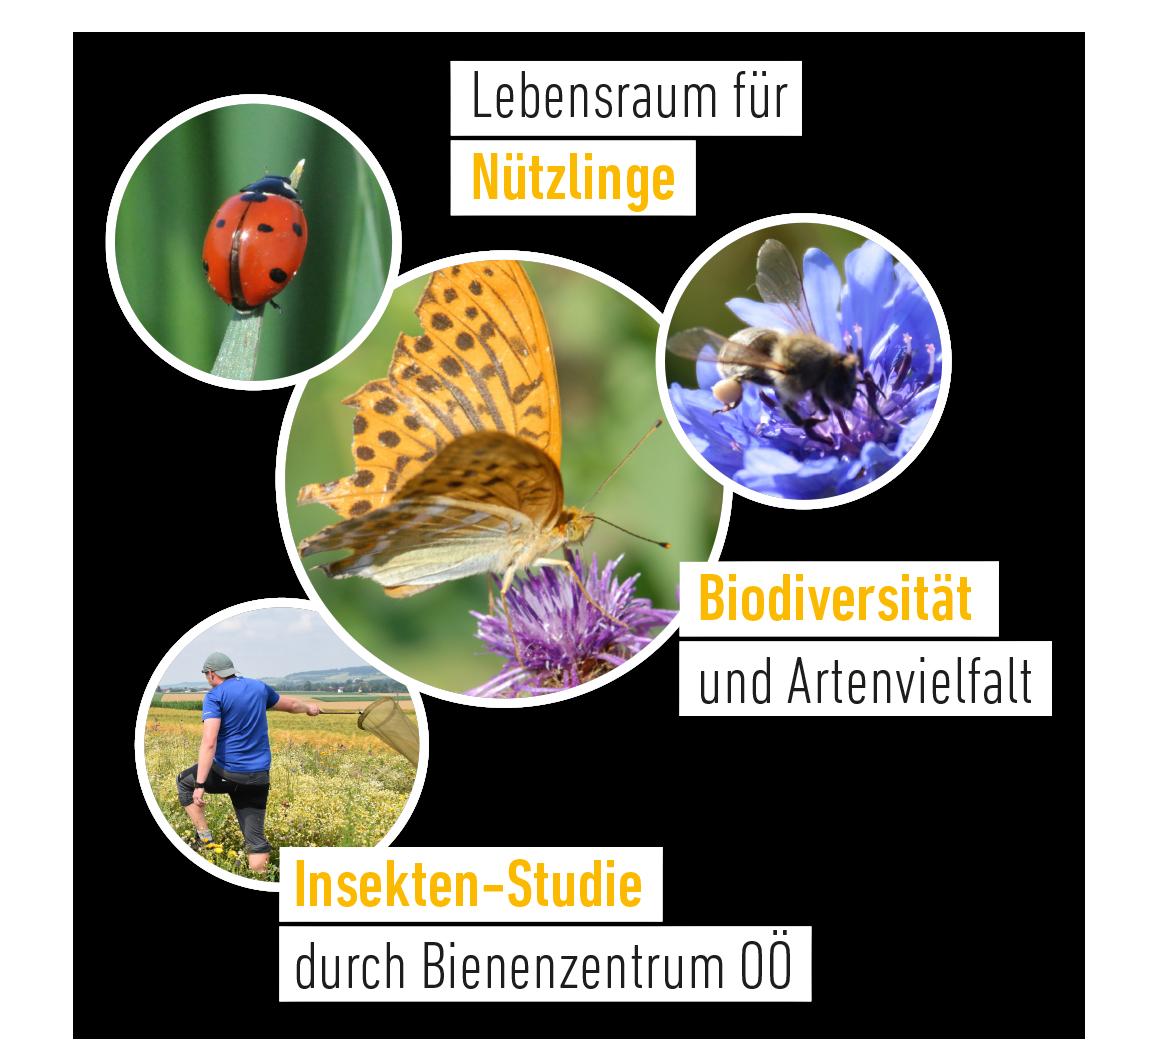 Blumenkorn Lebensraum für Nützlinge, Biodiversität und Artenvielfalt